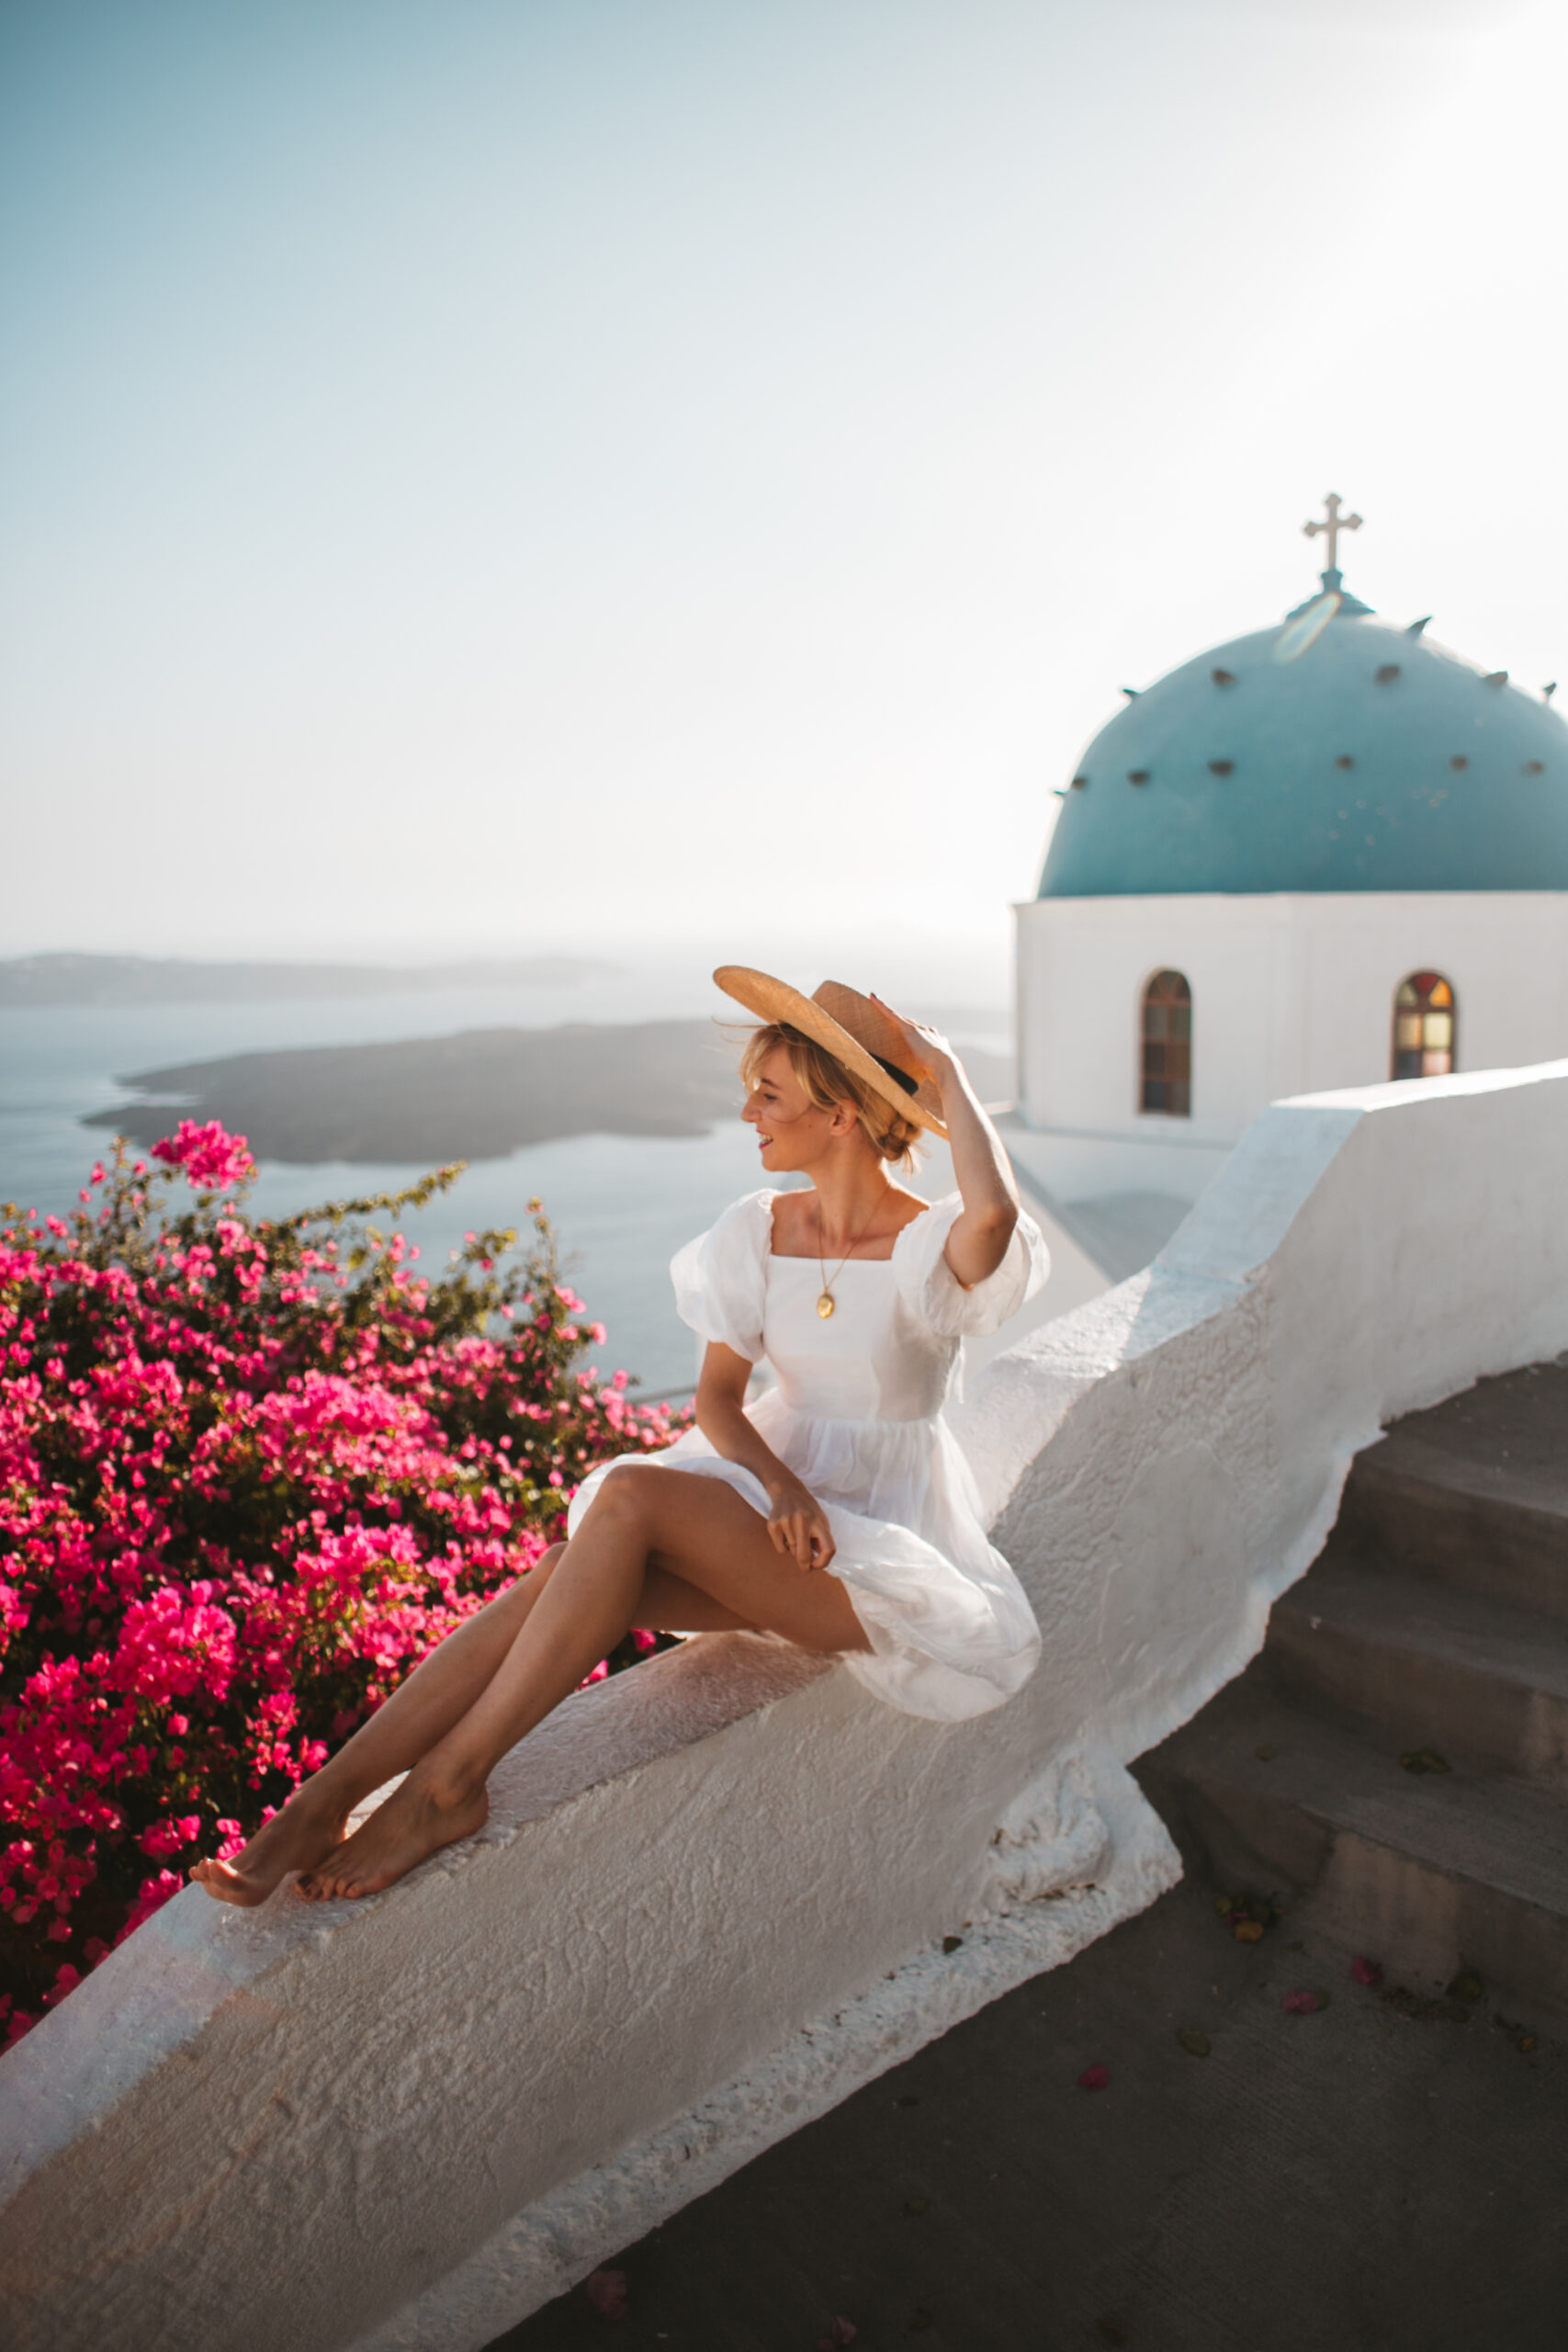 Blog podróżniczy, Santorini Grecja, Imerovigli, co zobaczyć, blogerka w białej sukience, gdzie na wakacje